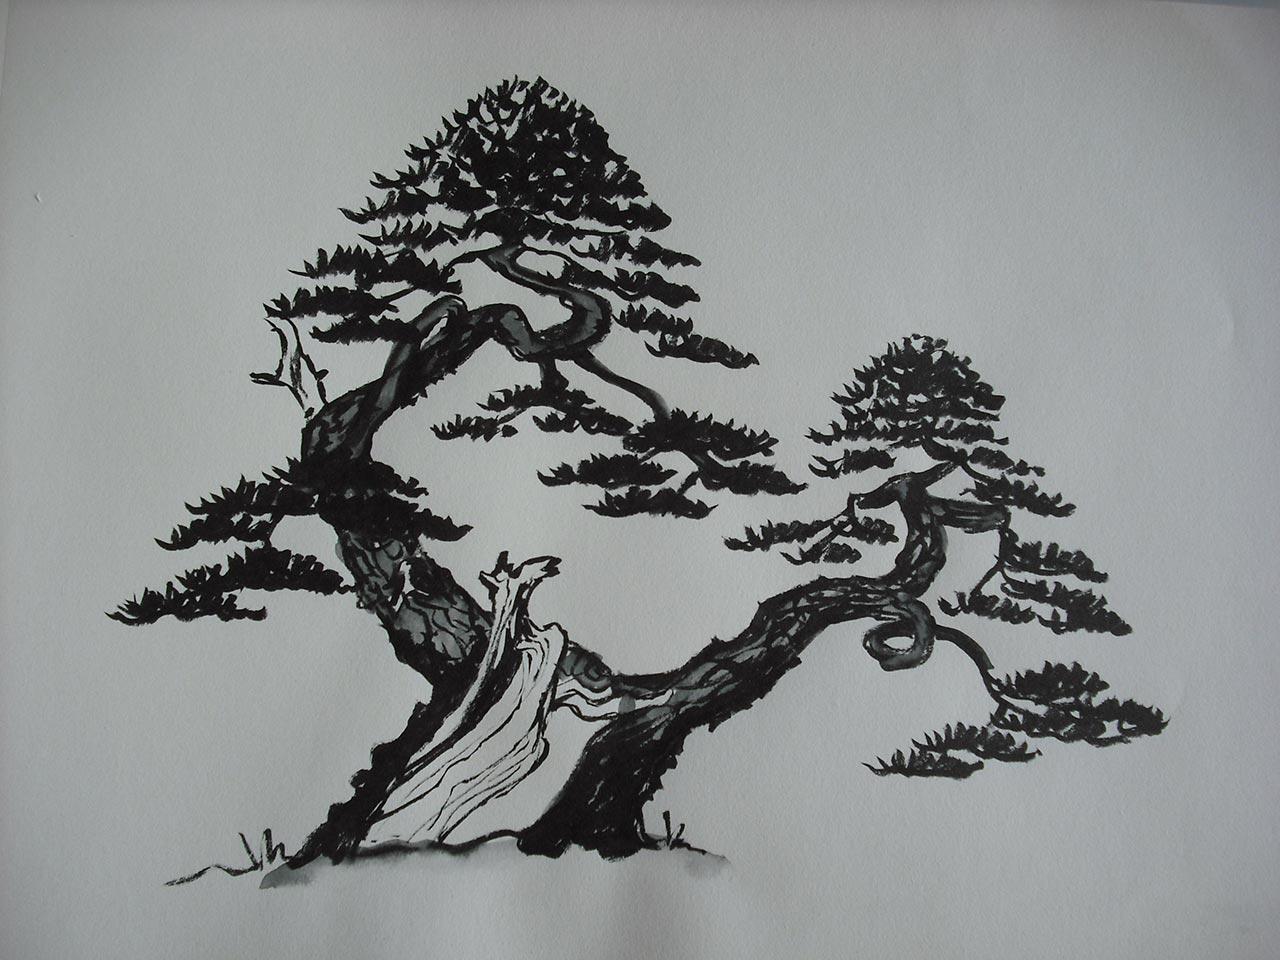 diseño definitivo de pino silvestris